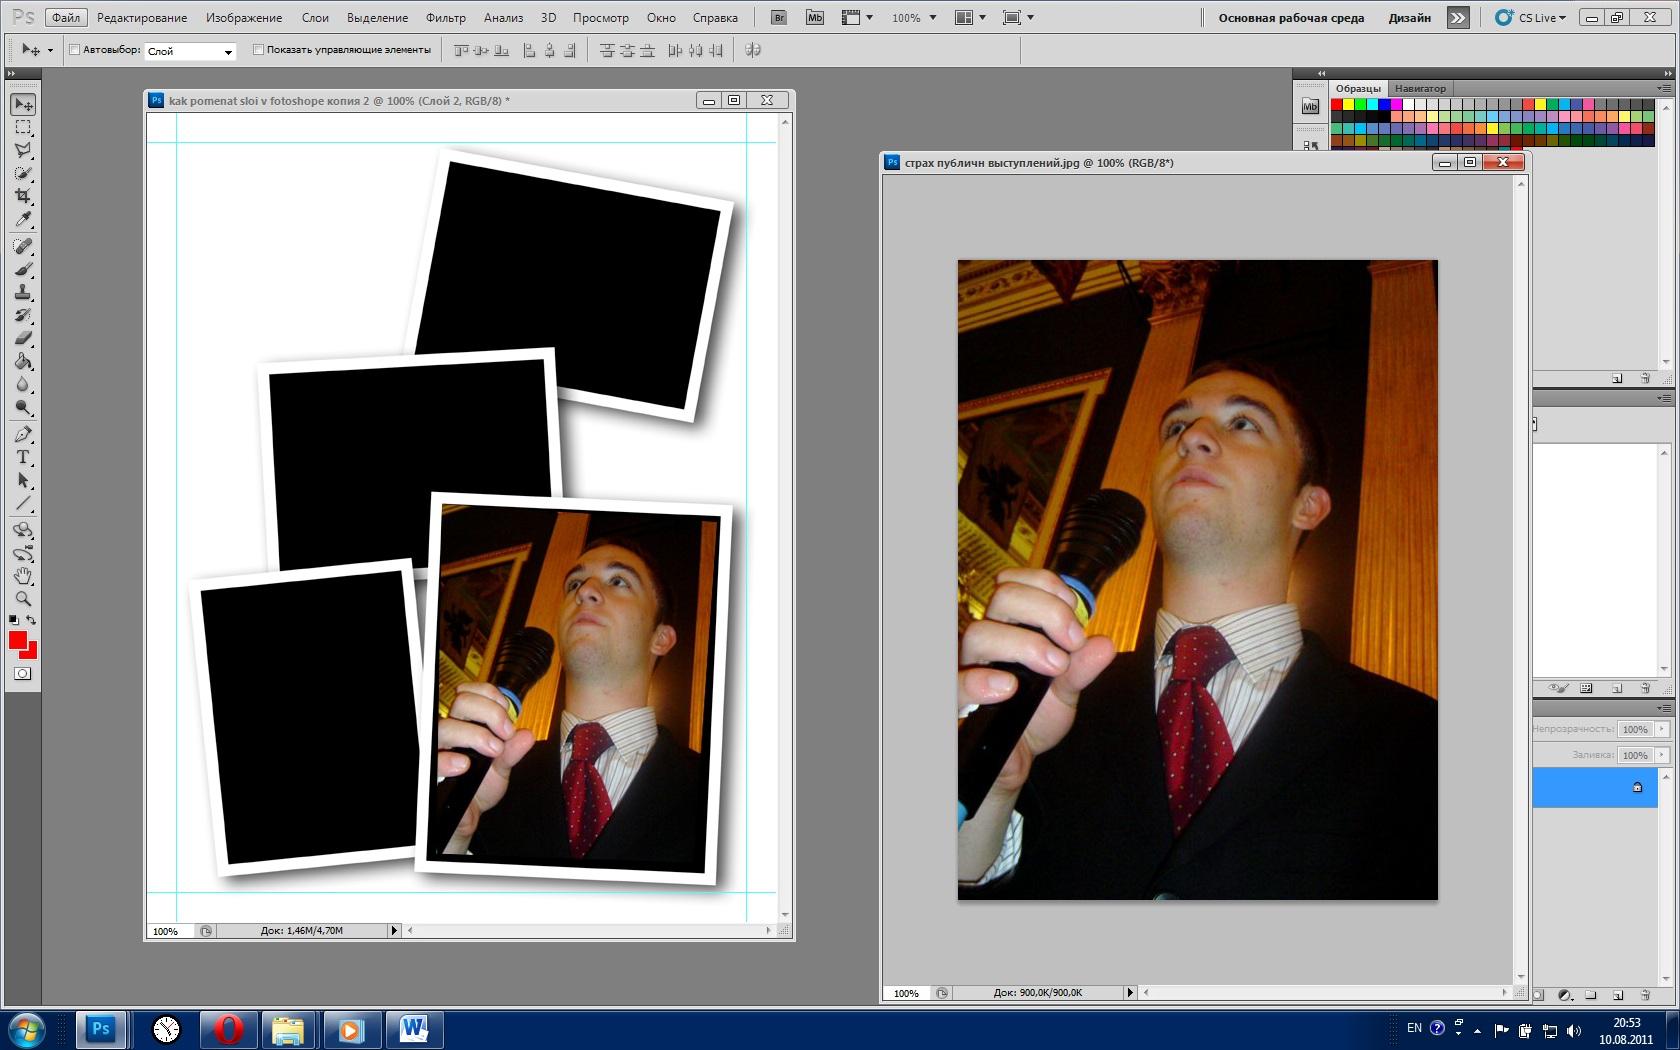 Как вырезать фотографию и вставить другую :: как вырезать ...: http://www.kakprosto.ru/kak-48285-kak-vyrezat-fotografiyu-i-vstavit-druguyu